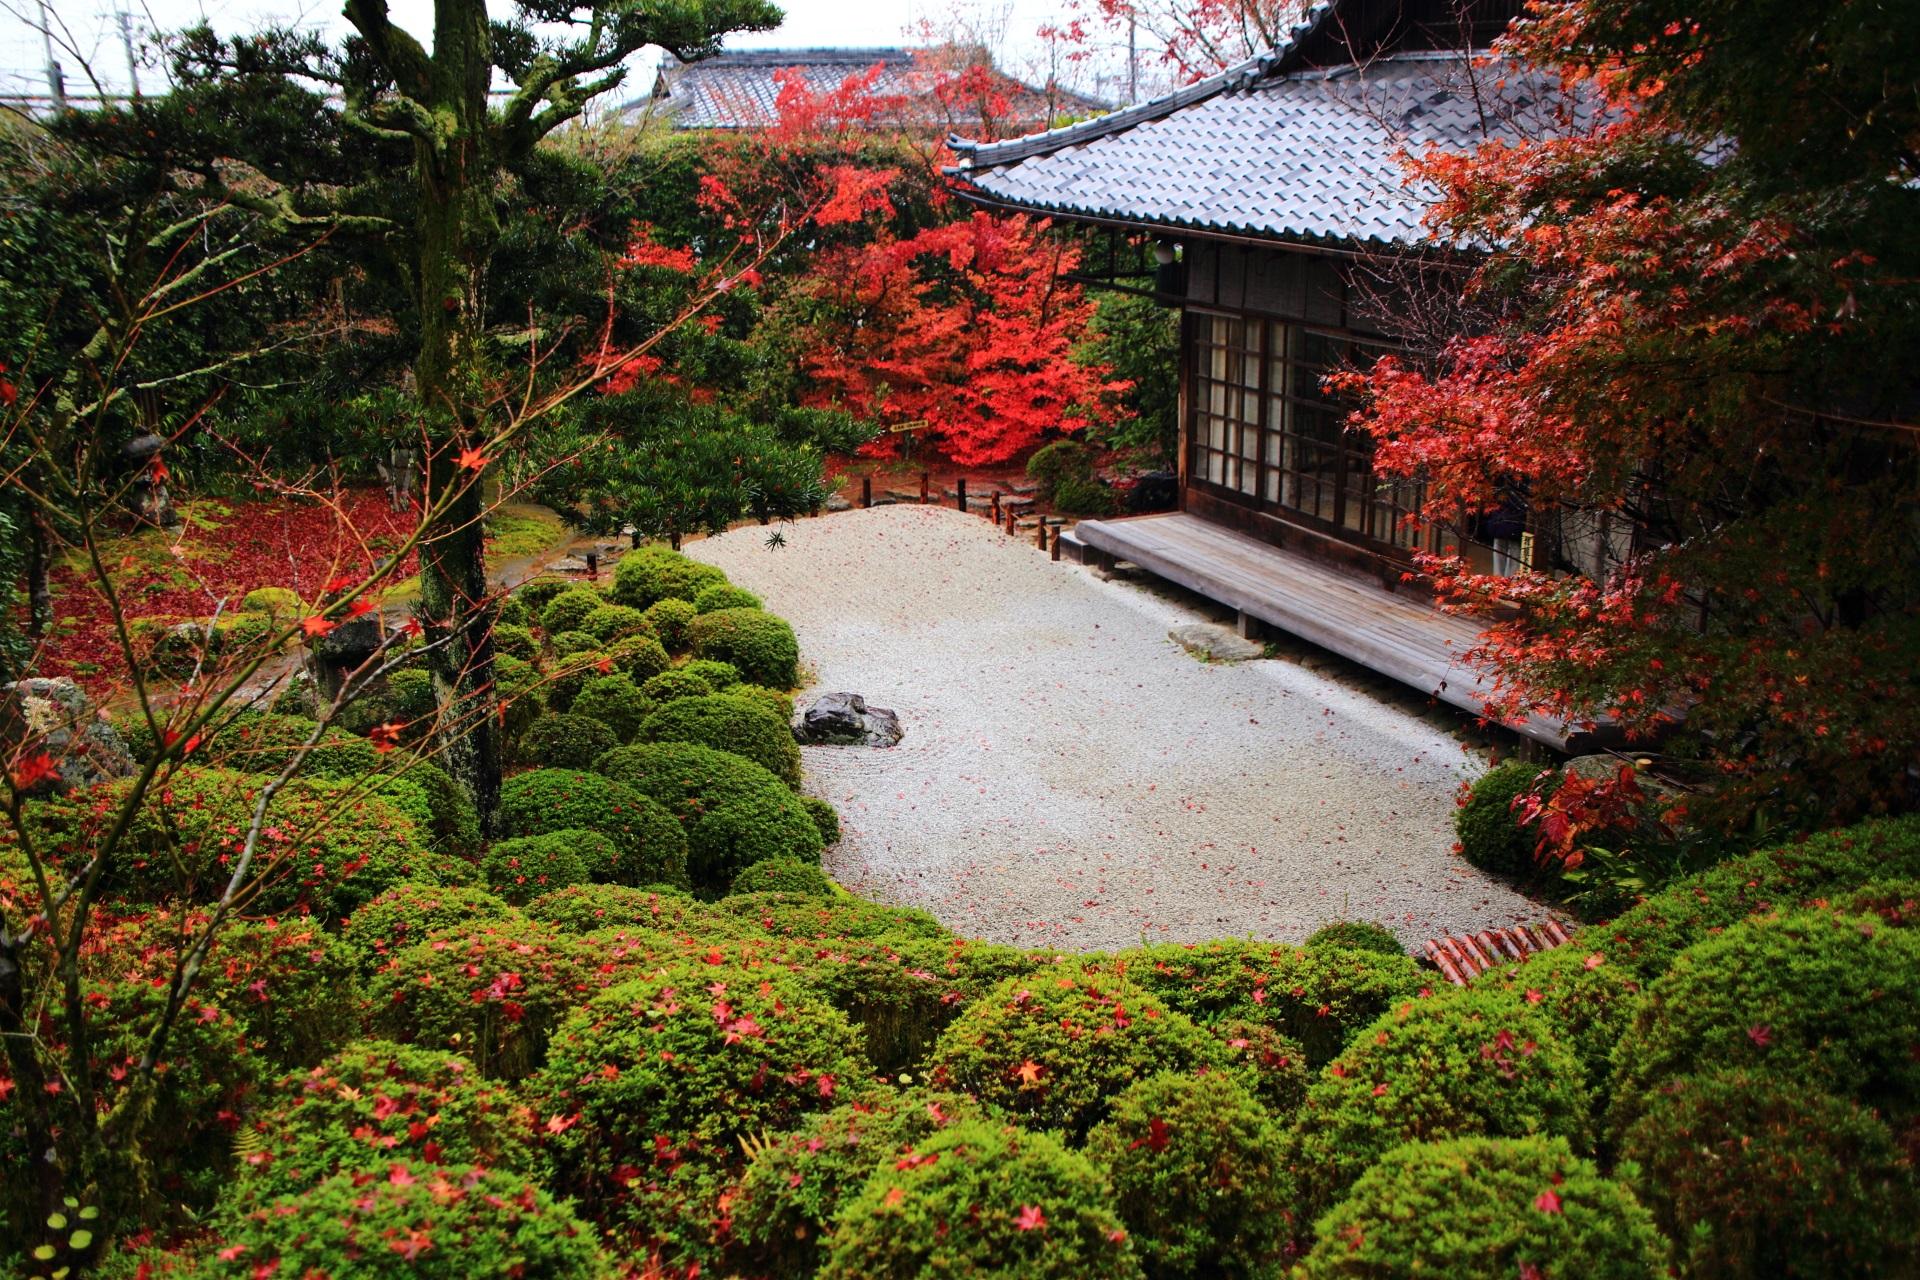 芭蕉庵の方から眺めた深い秋色に染まった枯山水庭園